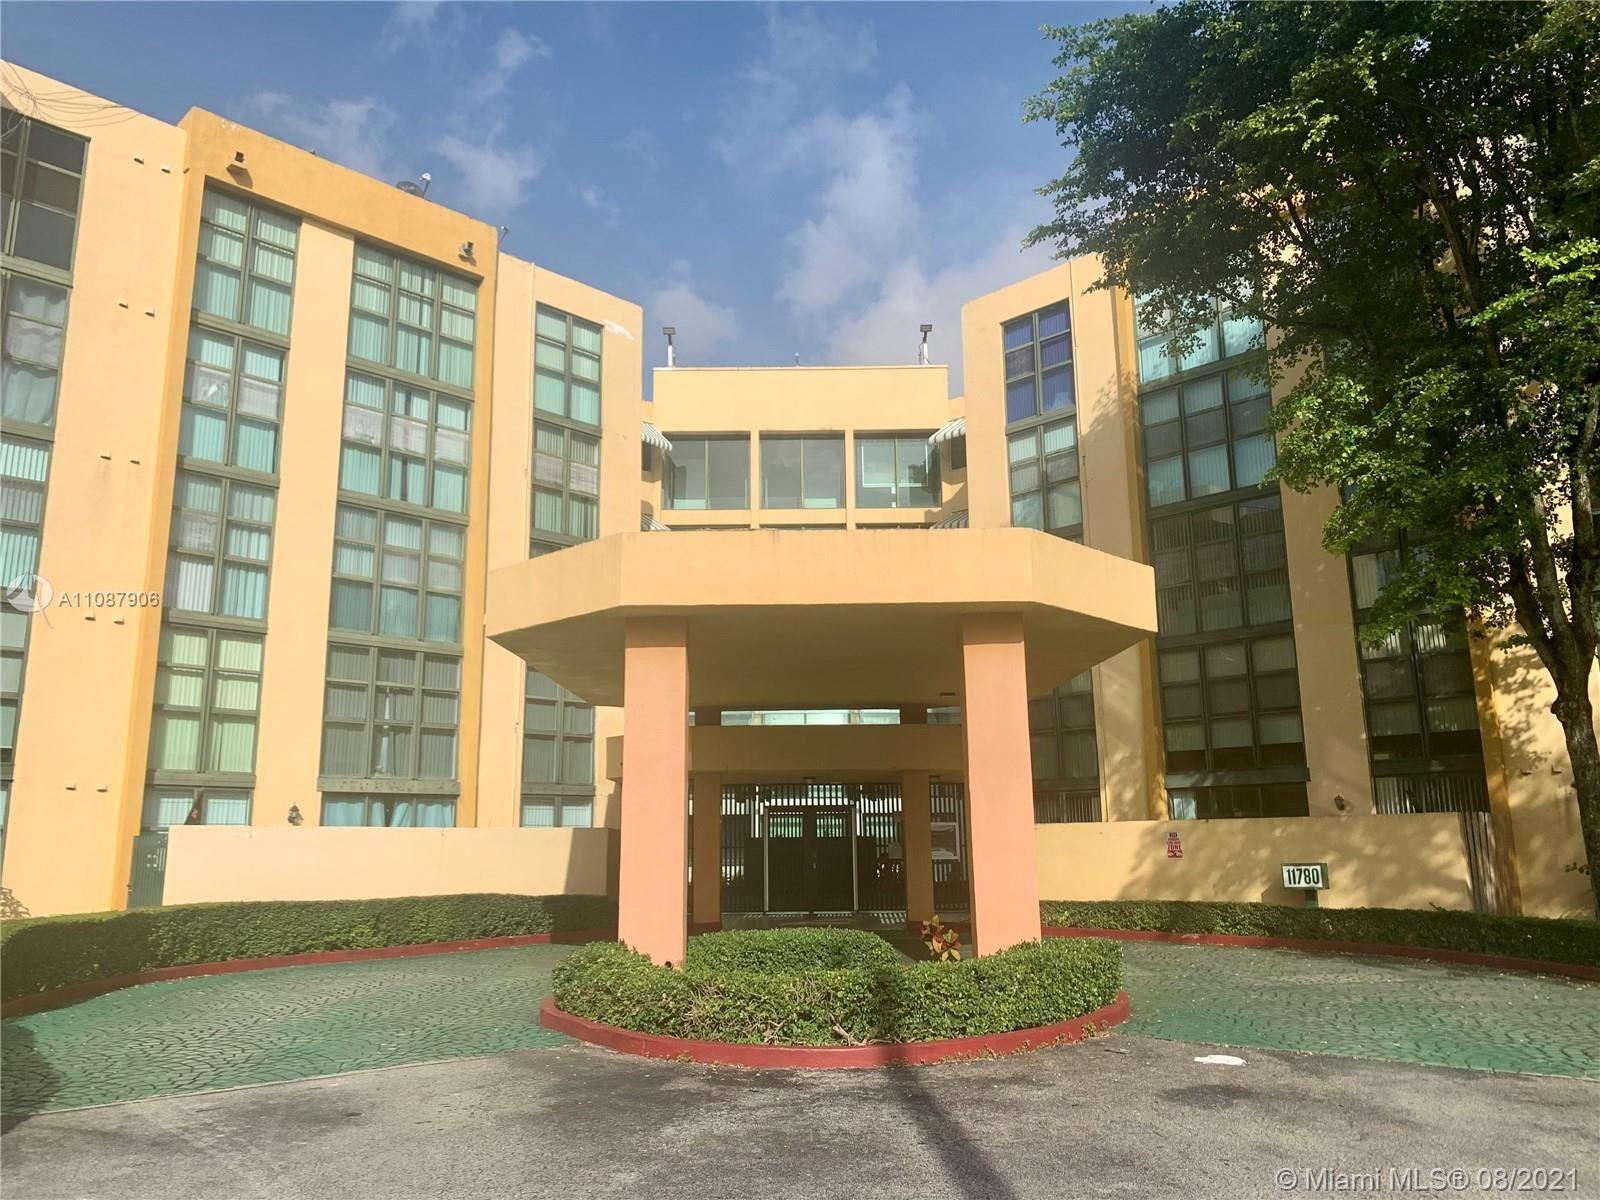 11780 SW 18th St #528-2, Miami, FL 33175 - #: A11087906